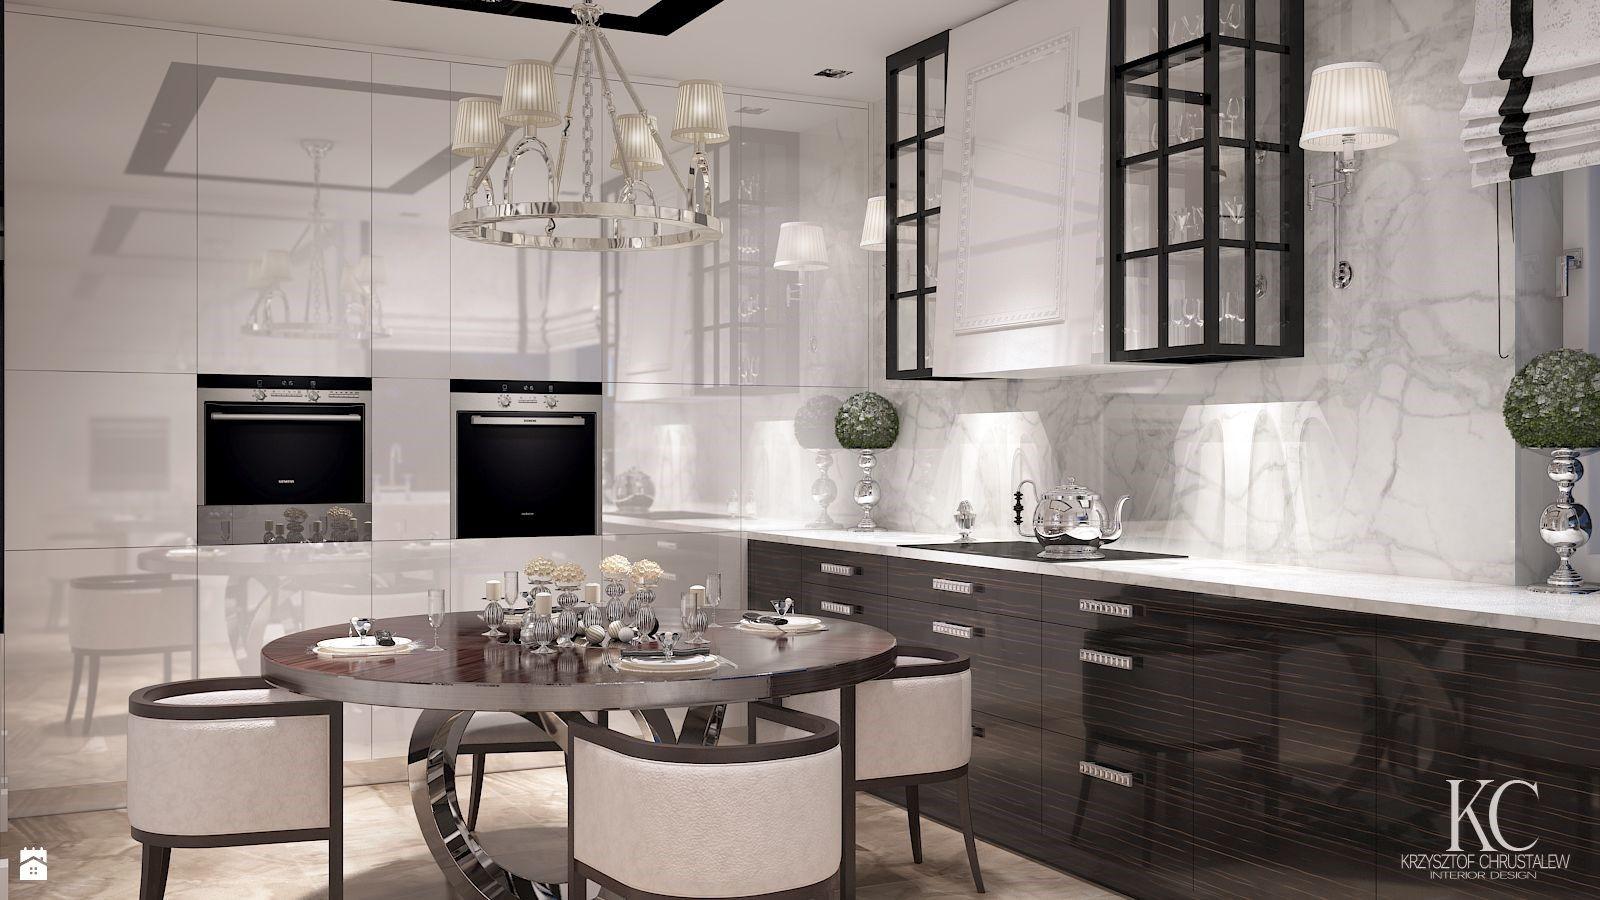 Wystroj Wnetrz Kuchnia Styl Glamour Projekty I Aranzacje Najlepszych Designerow Prawdziwe Inspiracje Dla Kazdego Dla Kogo Liczy Home Decor Decor Kitchen